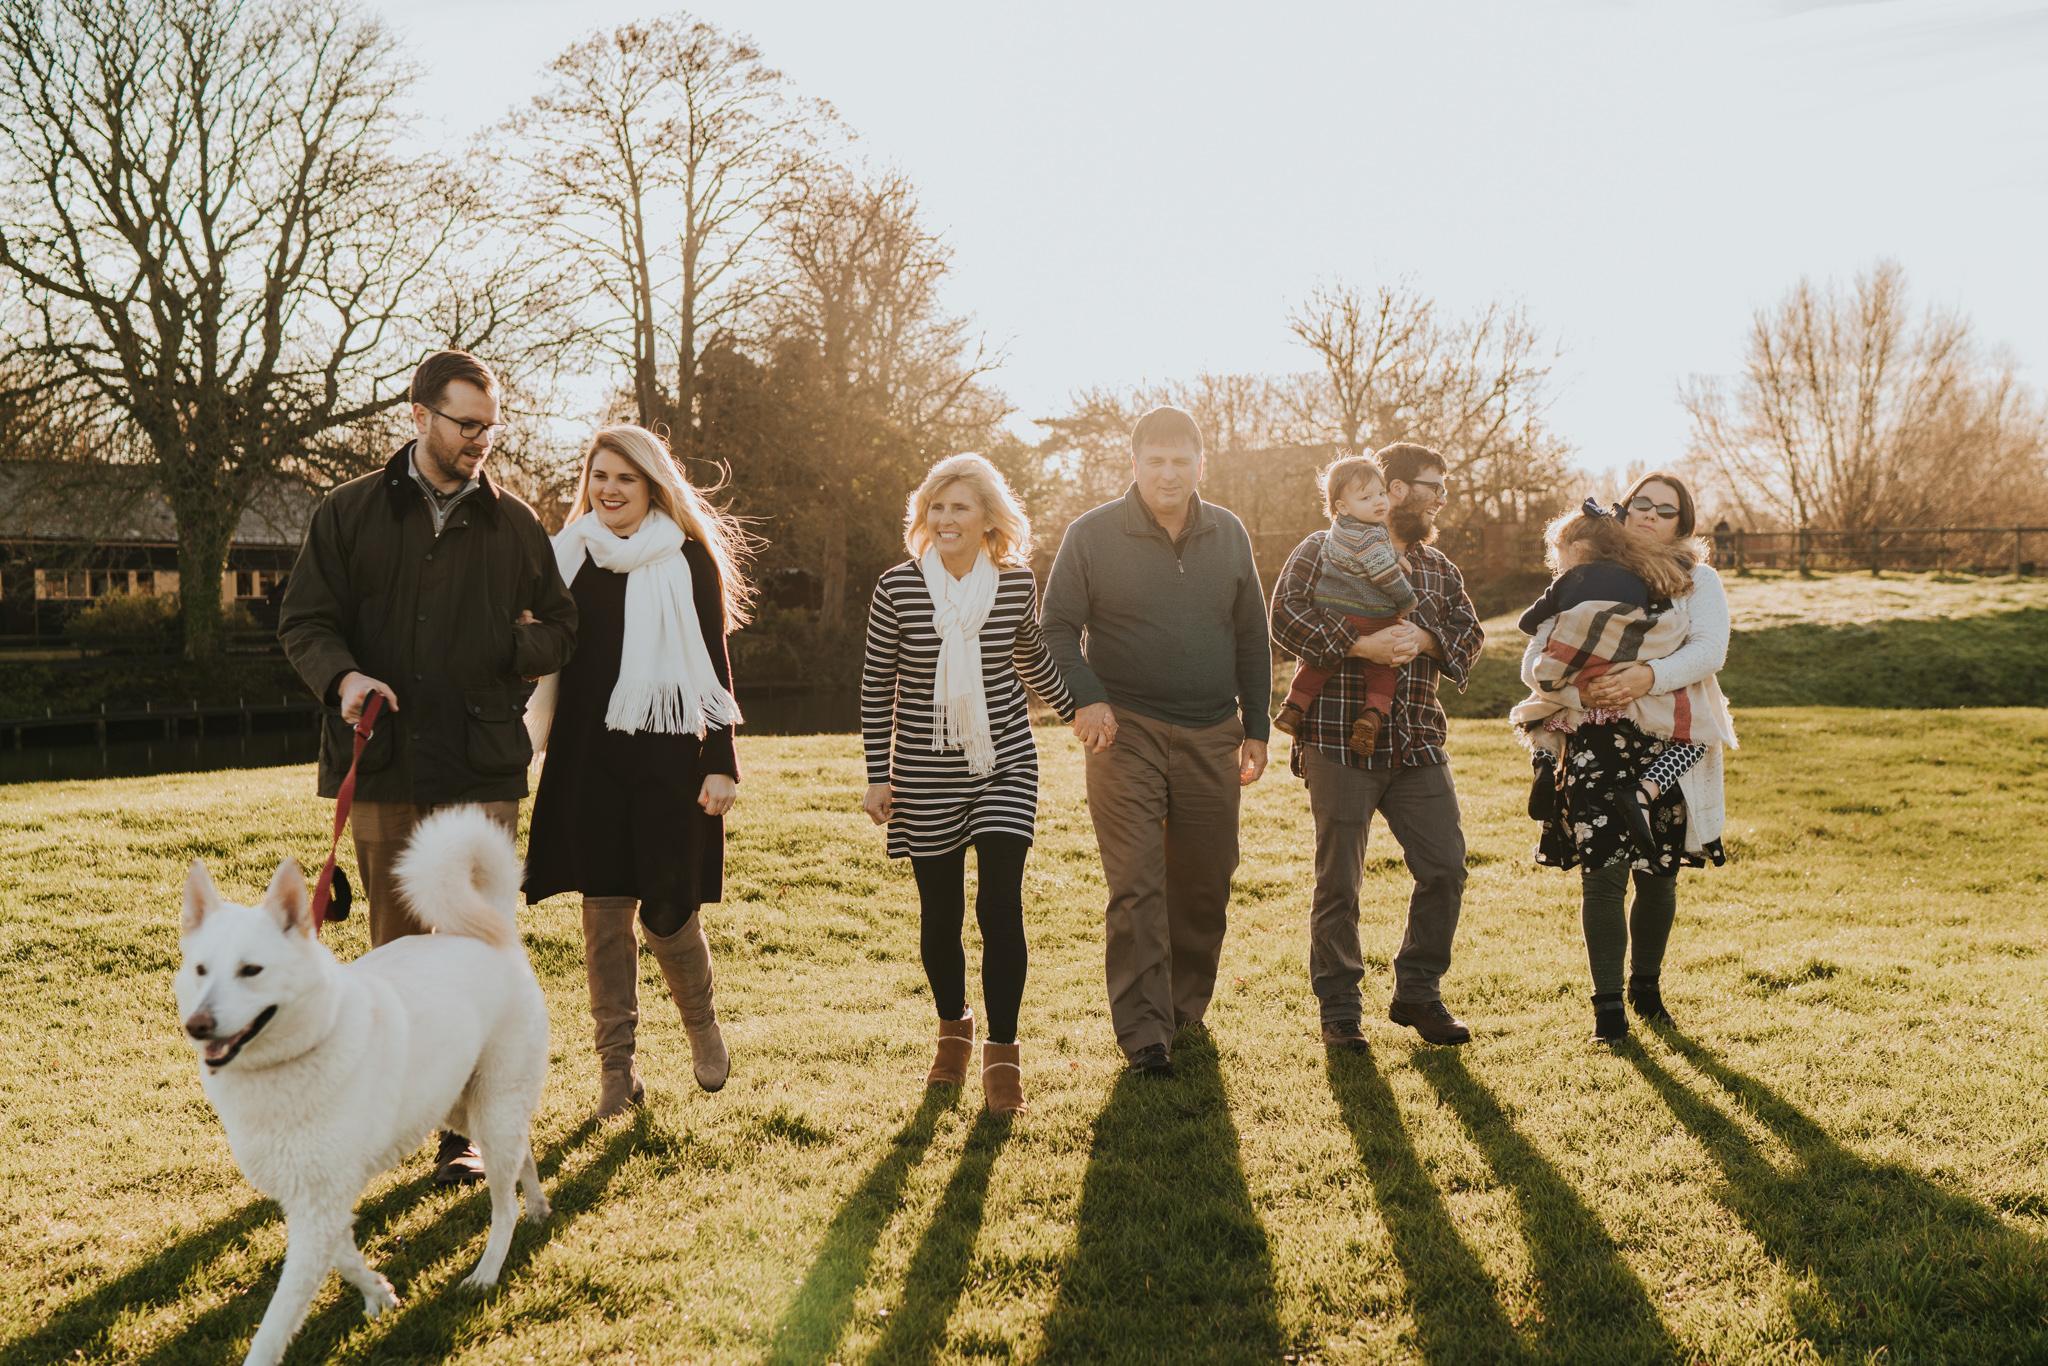 mcpherson-extended-family-session-dedham-grace-elizabeth-colchester-essex-alternative-wedding-lifestyle-photographer-essex-suffolk-norfolk-devon (19 of 57).jpg